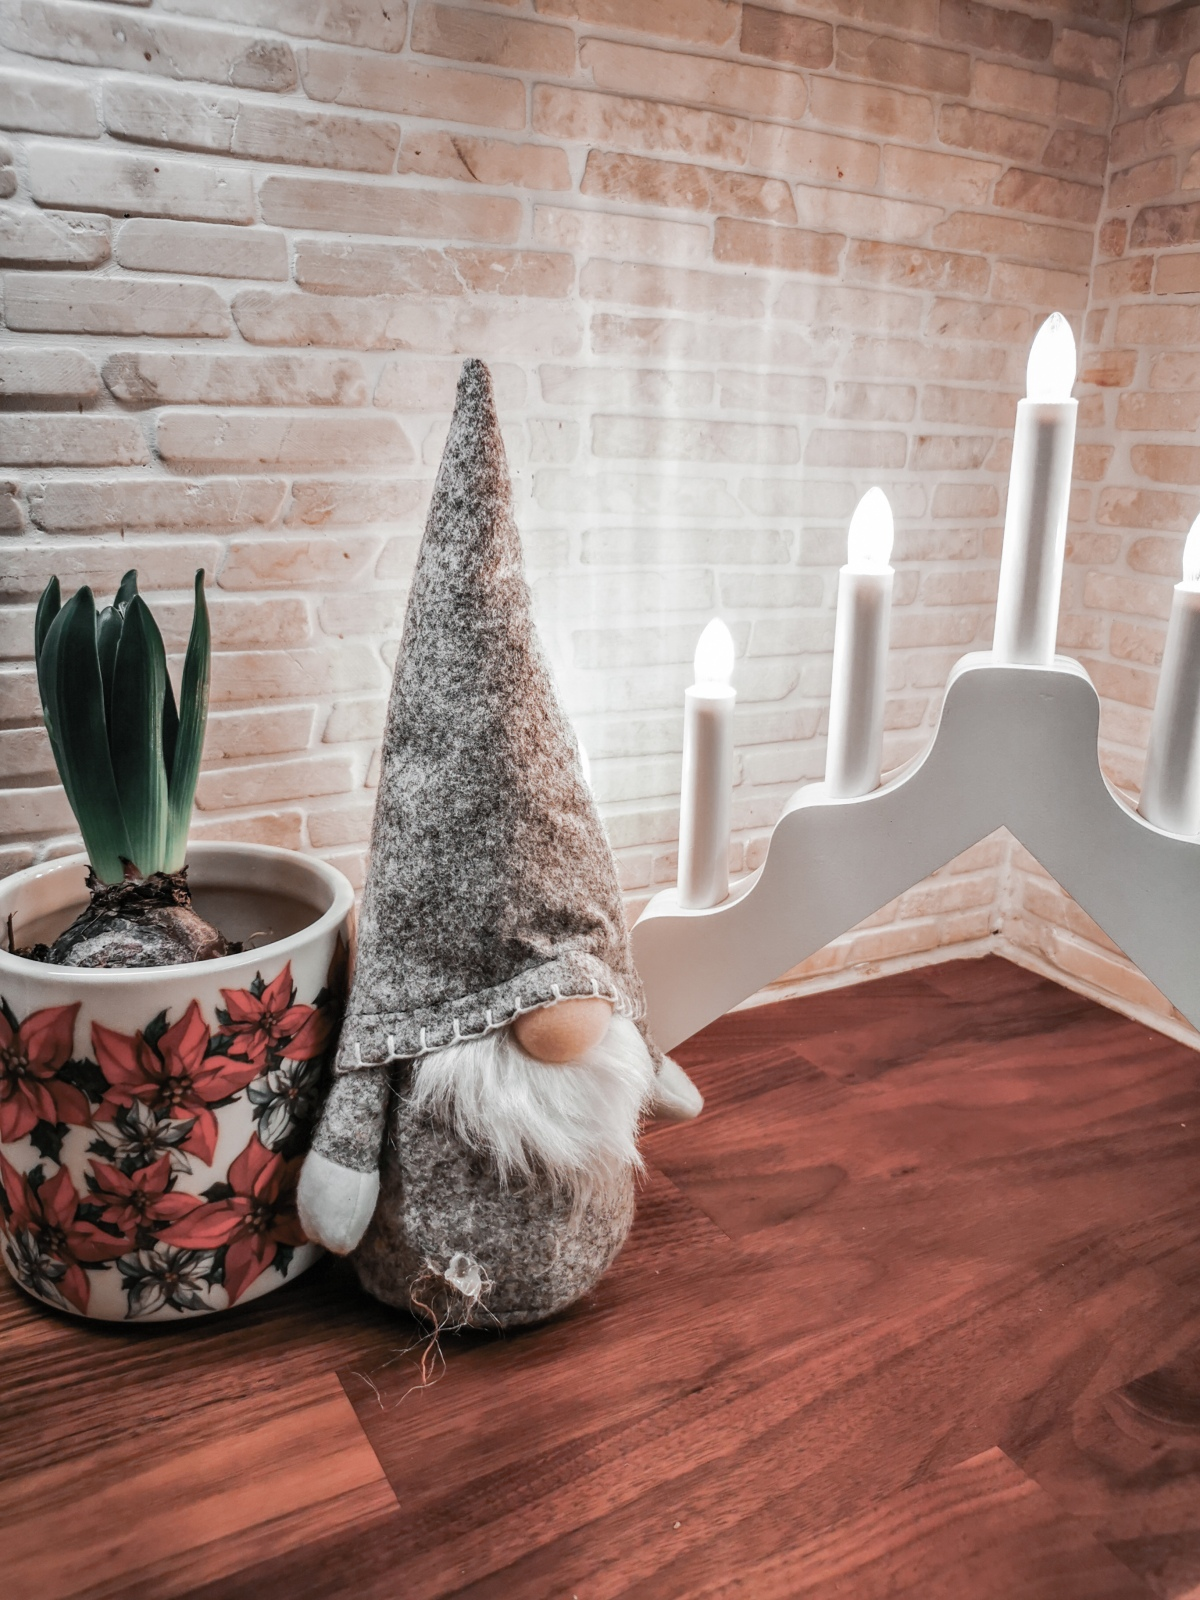 Jouluvalmisteluja ja parhaatjouluelokuvat